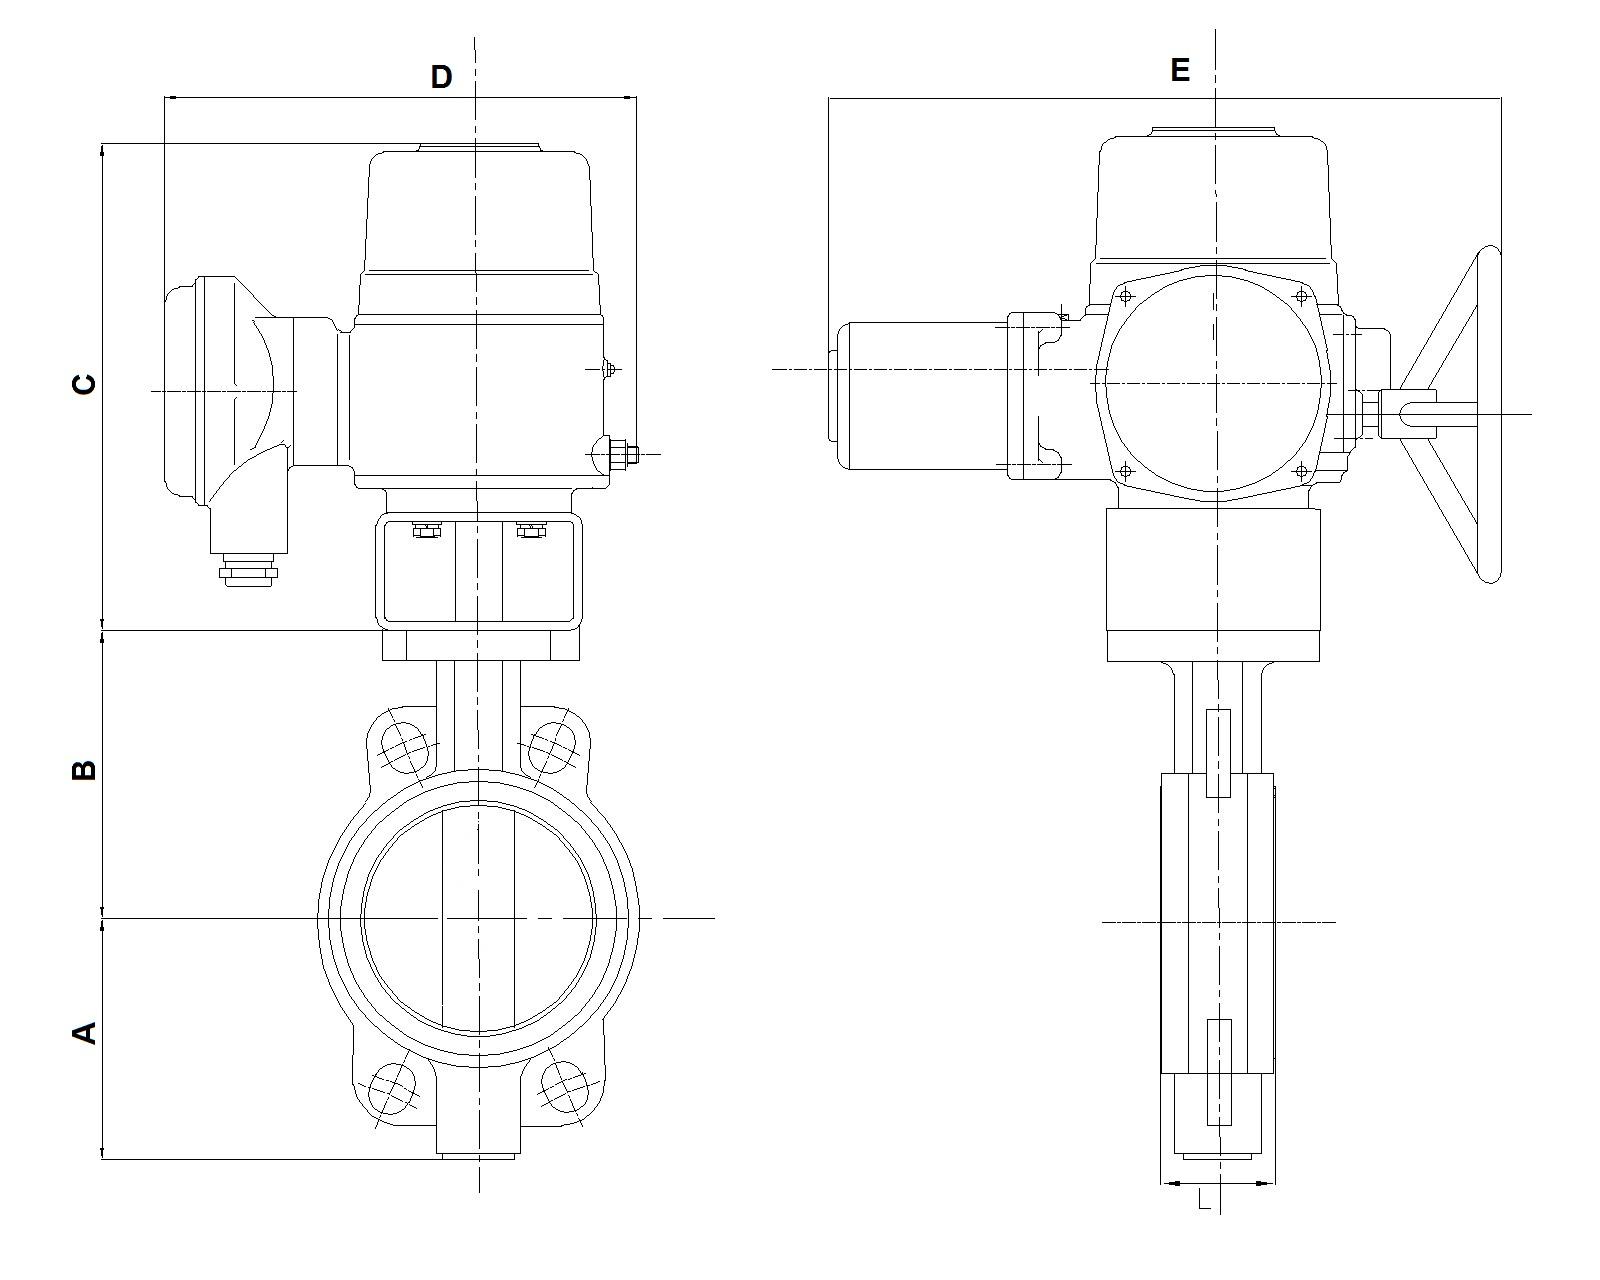 Чертеж габаритный. Затвор дисковый с электроприводом 3х380В. Затвор поворотный 3х380В. ABRA BUV-VFхххDхххEAGZ с электроприводом ГЗ ОФ Электропривод 3х380В